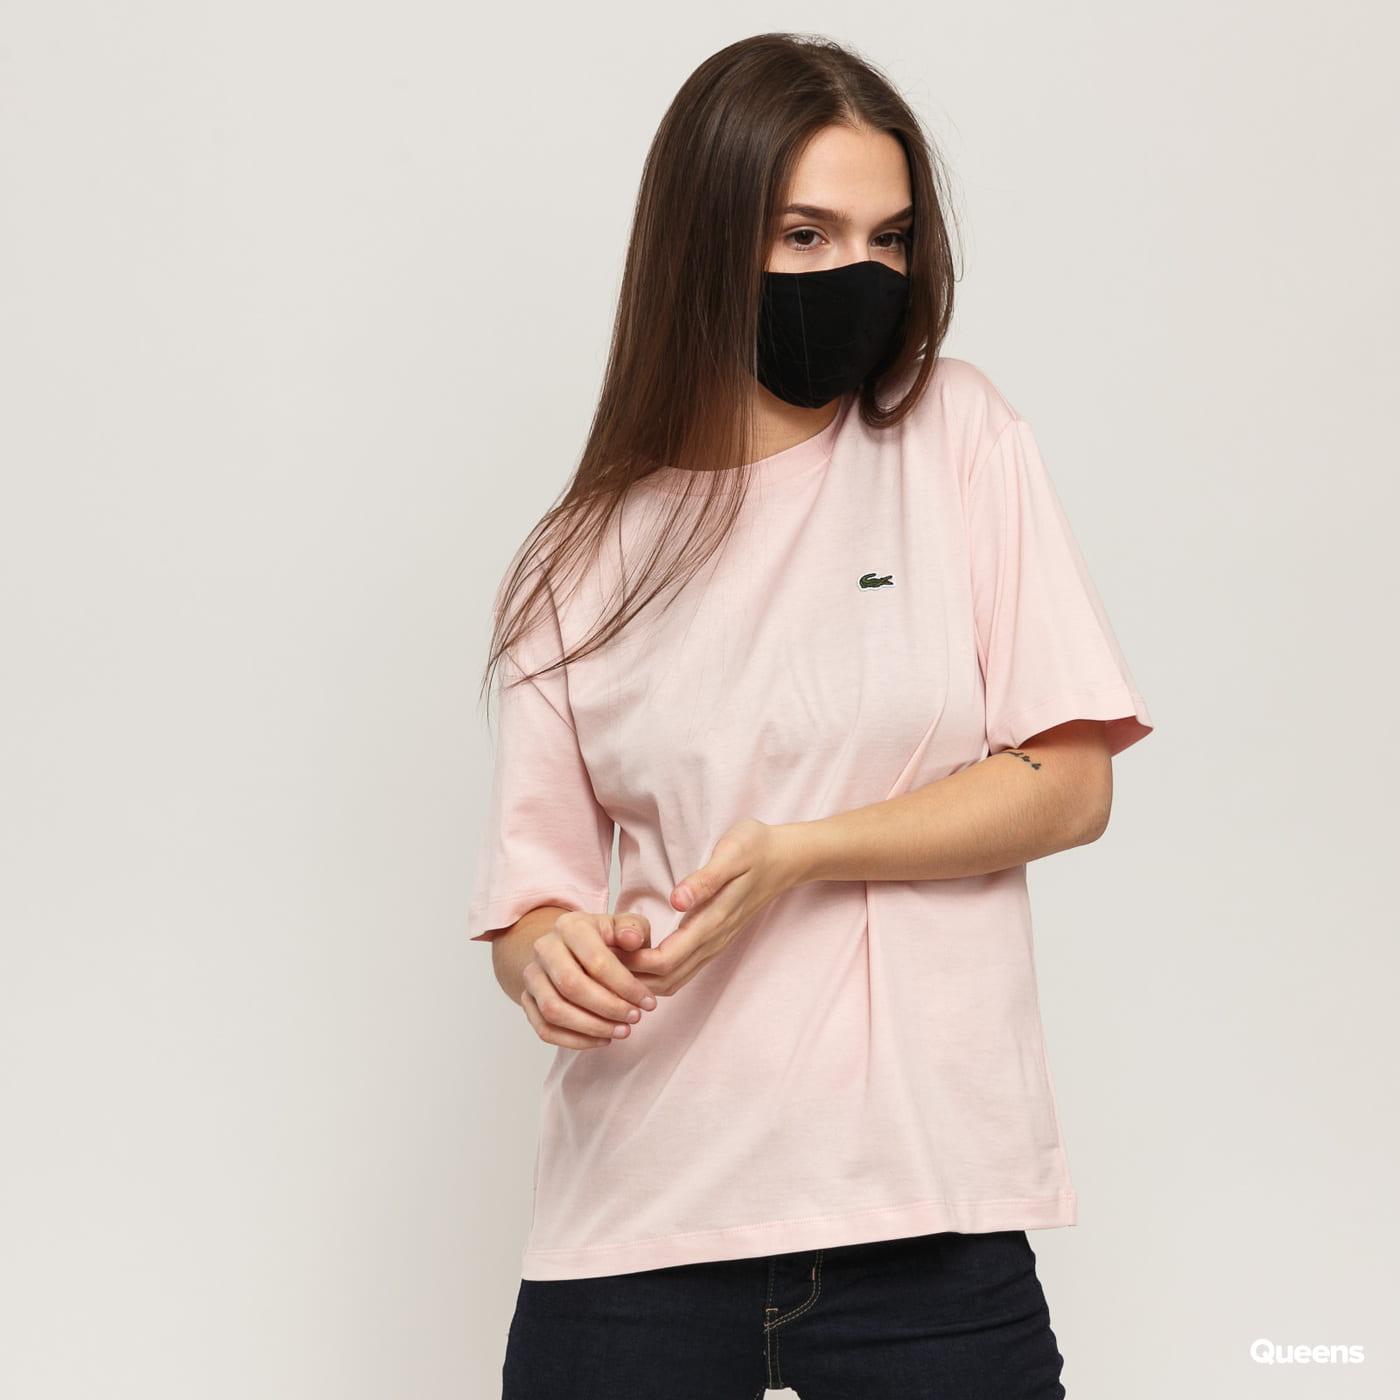 LACOSTE Women's T-Shirt light pink